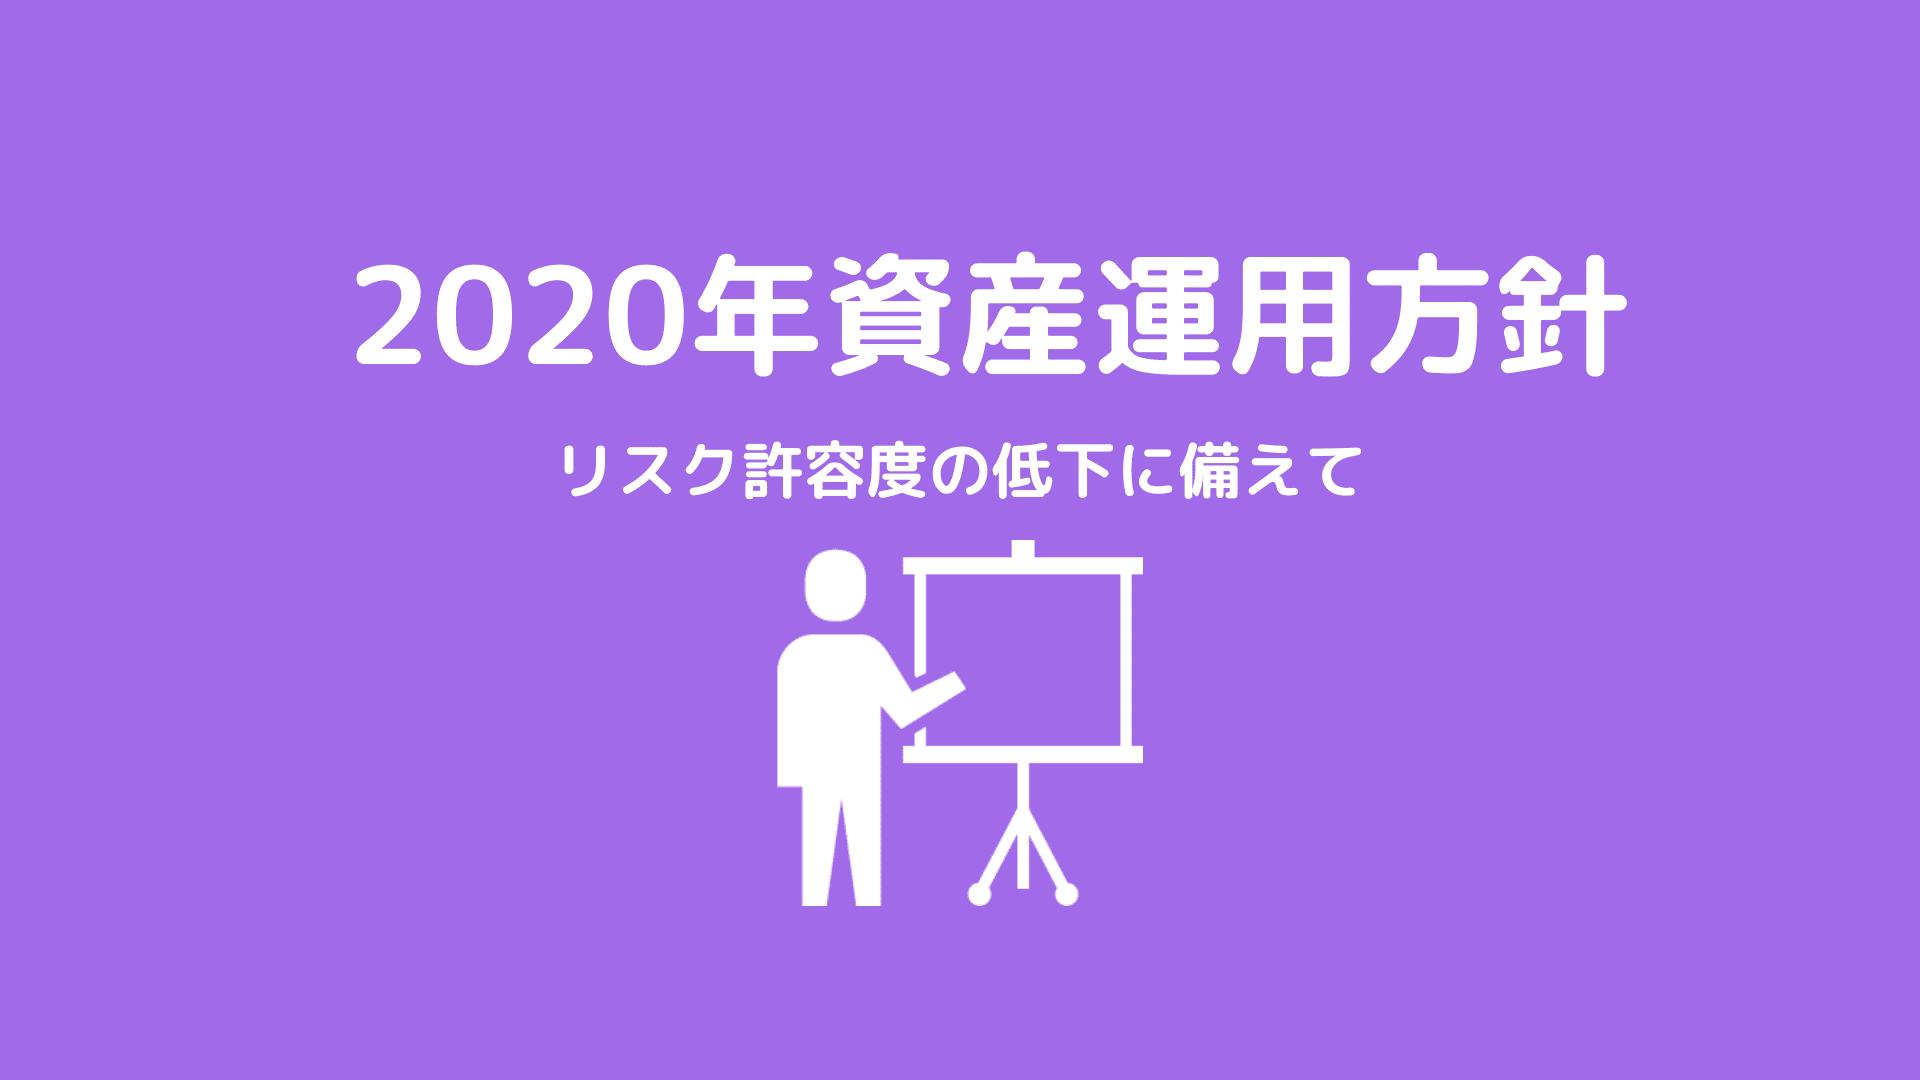 2020 shisanunyou